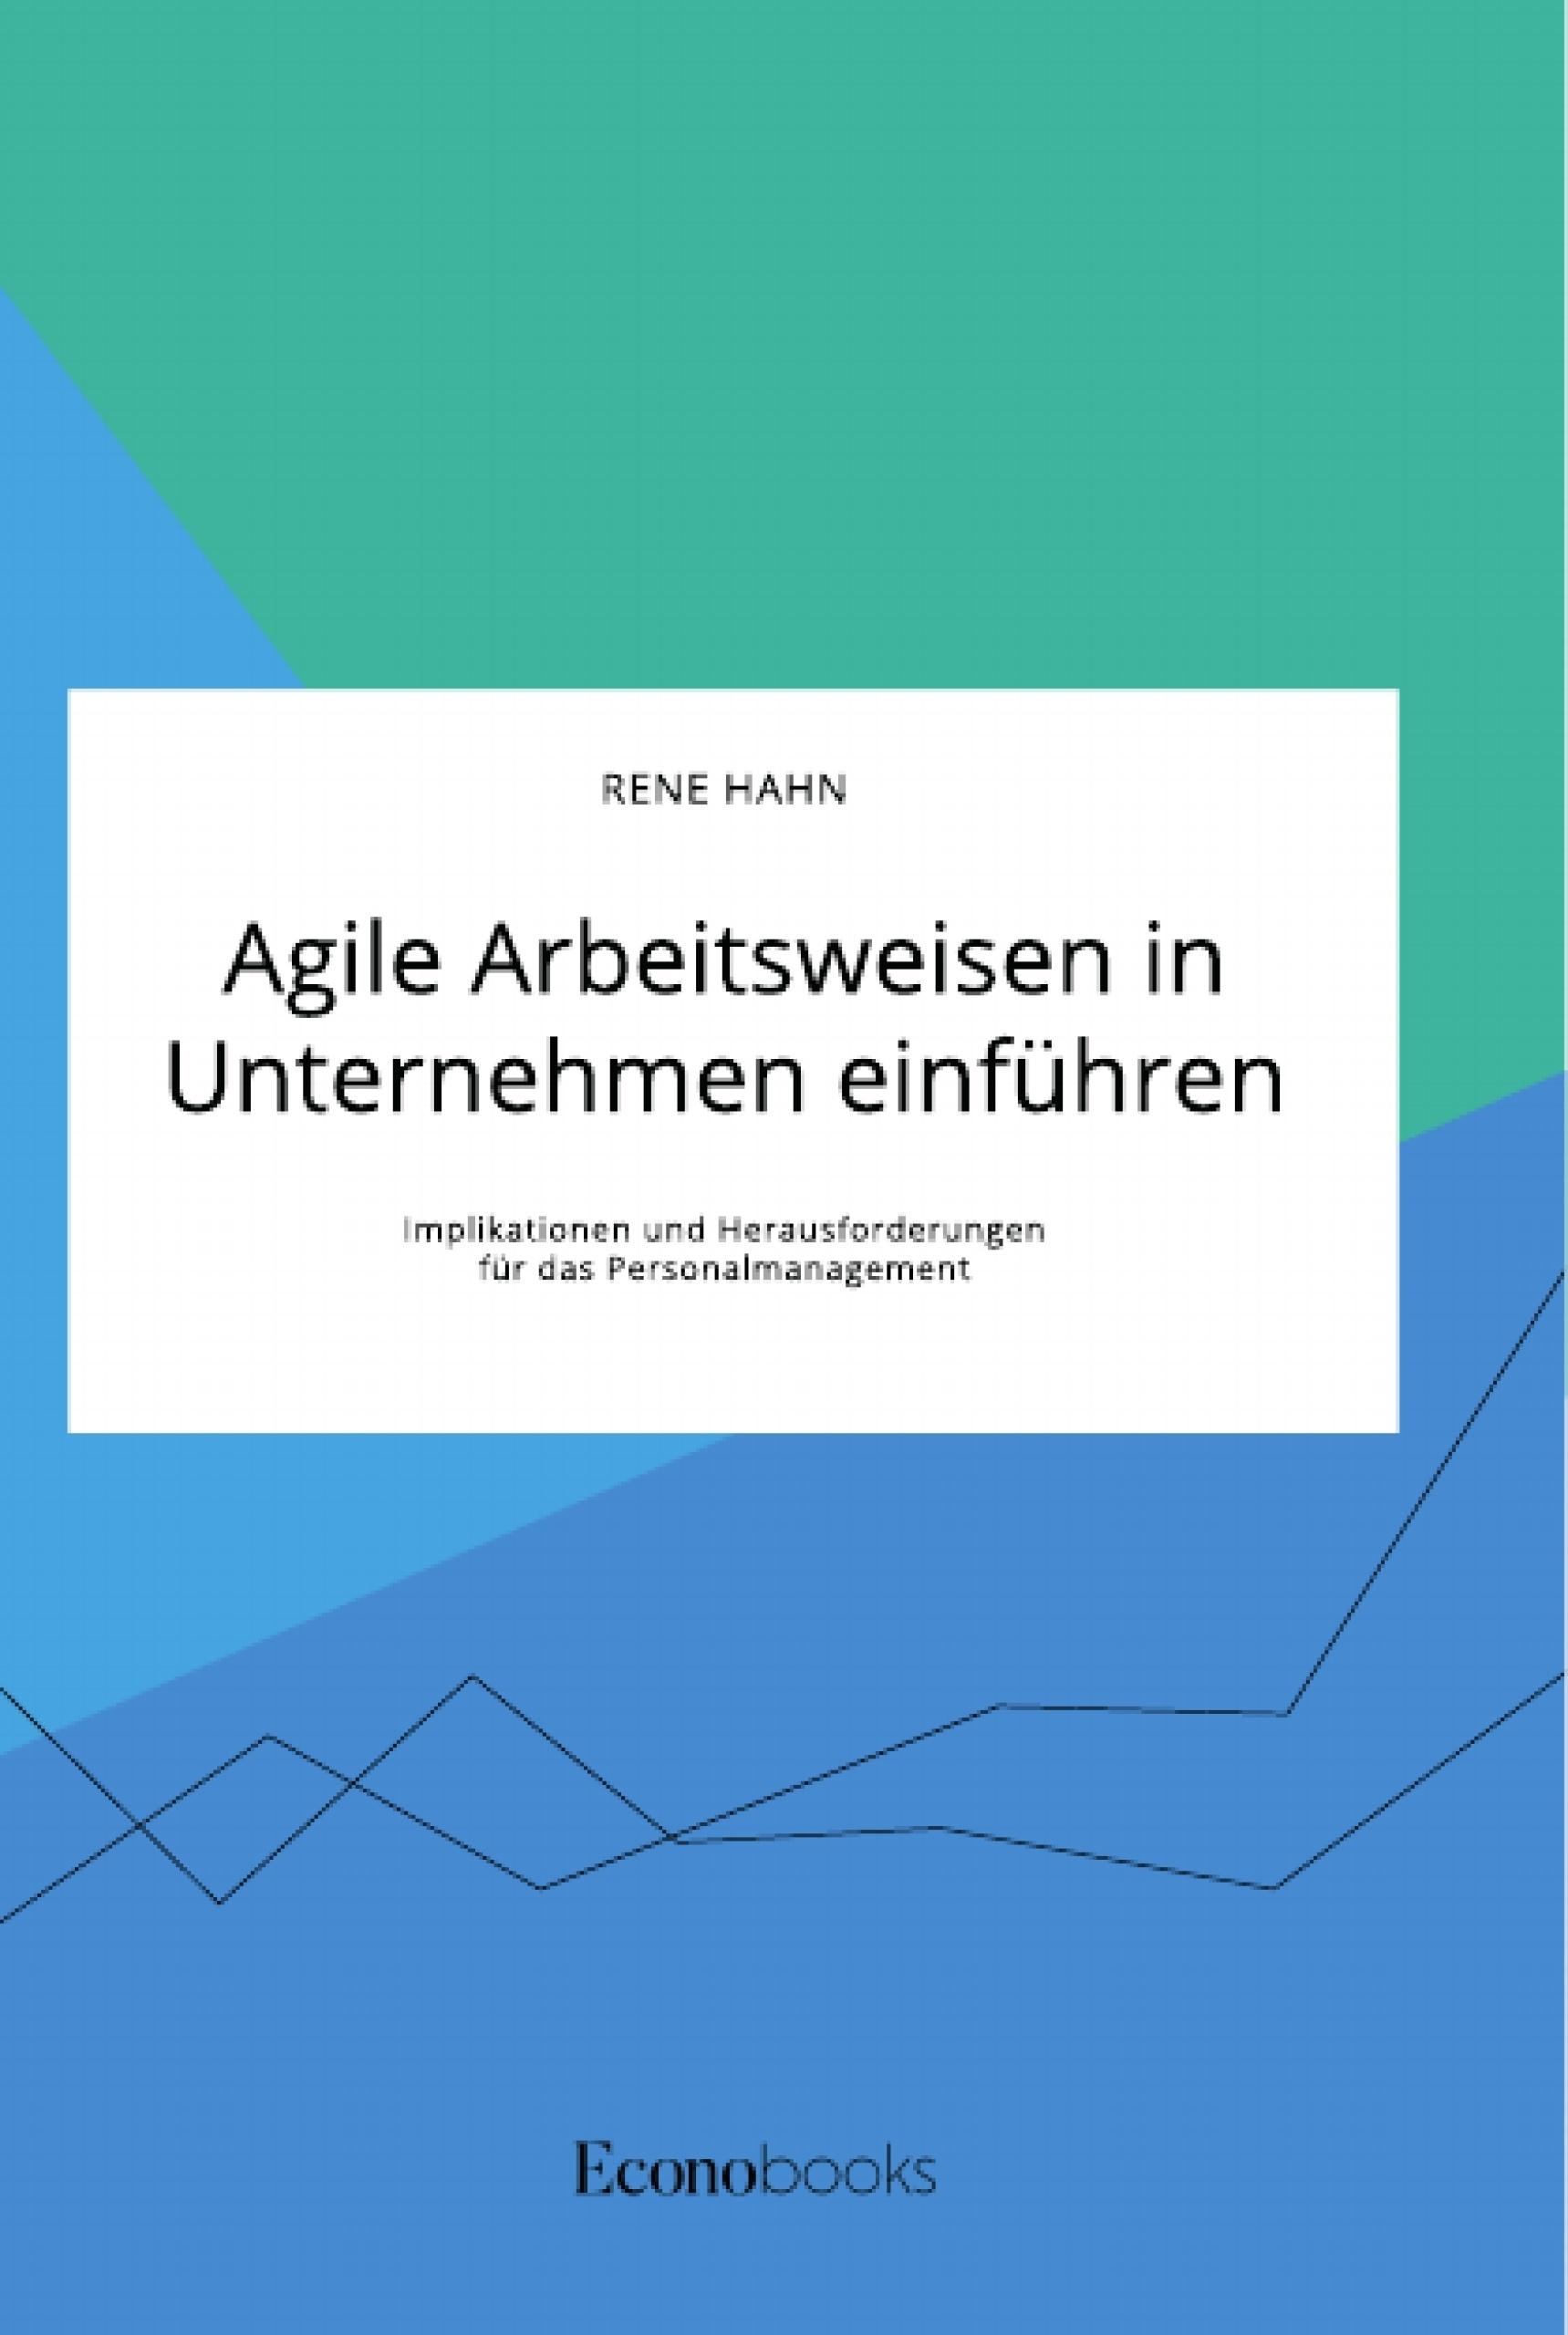 Titel: Agile Arbeitsweisen in Unternehmen einführen